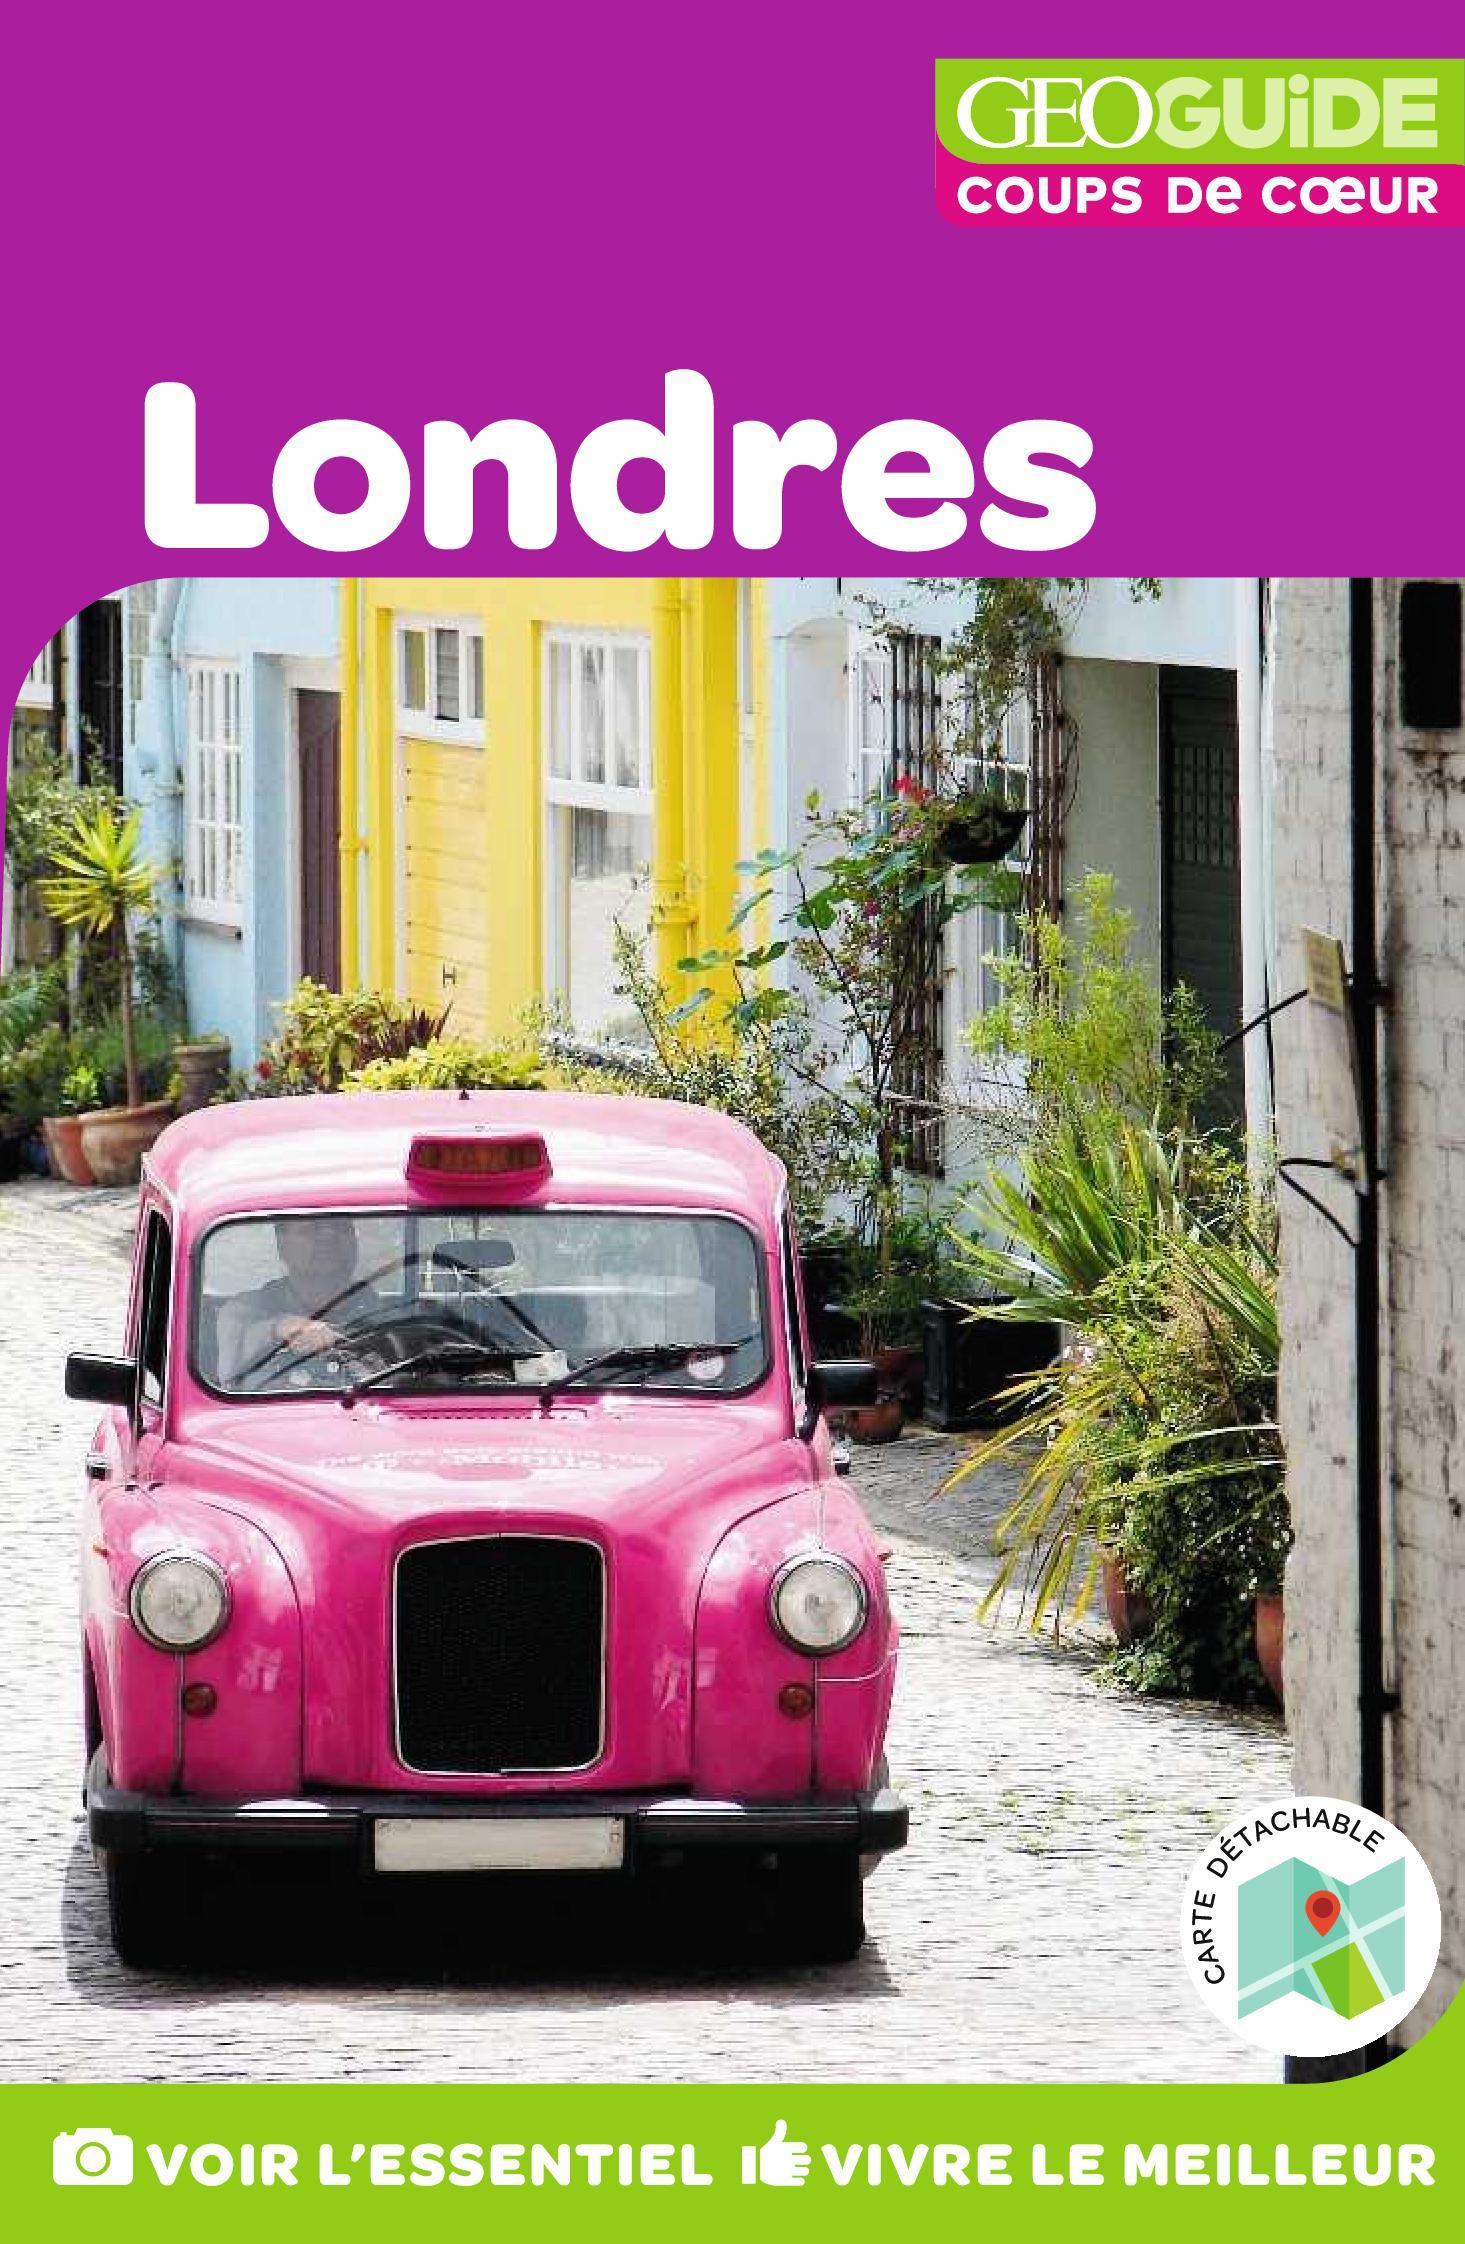 GEOguide Coups de coeur Londres | Collectif,